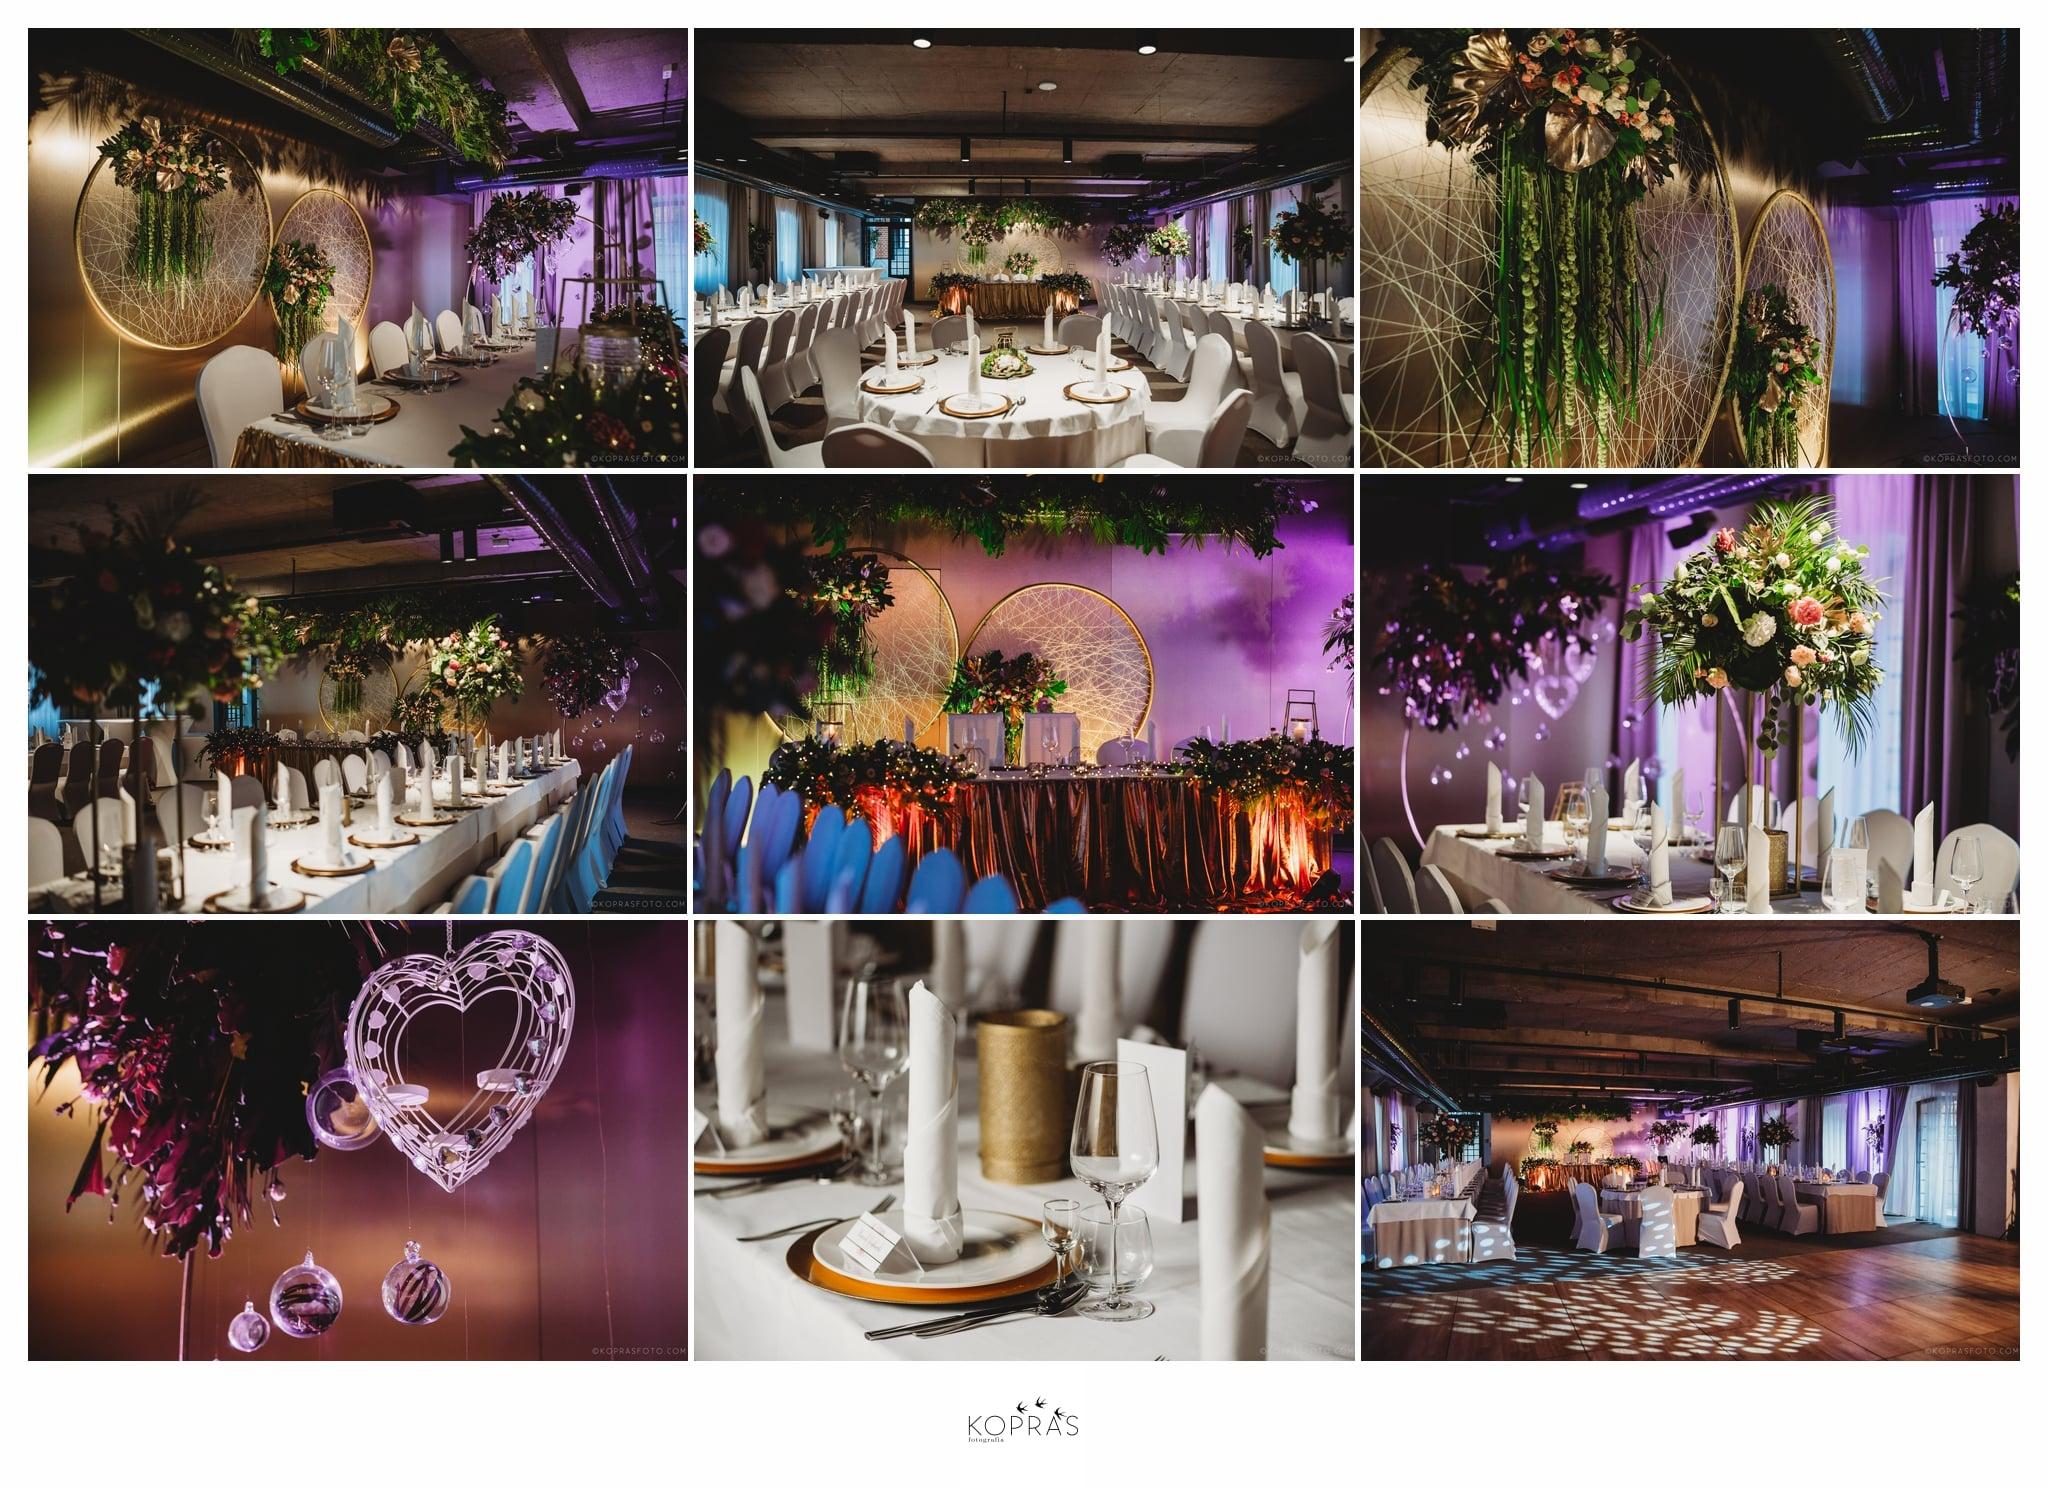 dekoracje ślubne, hotel Hampton by Hilton, Kalisz, ślub, wesele